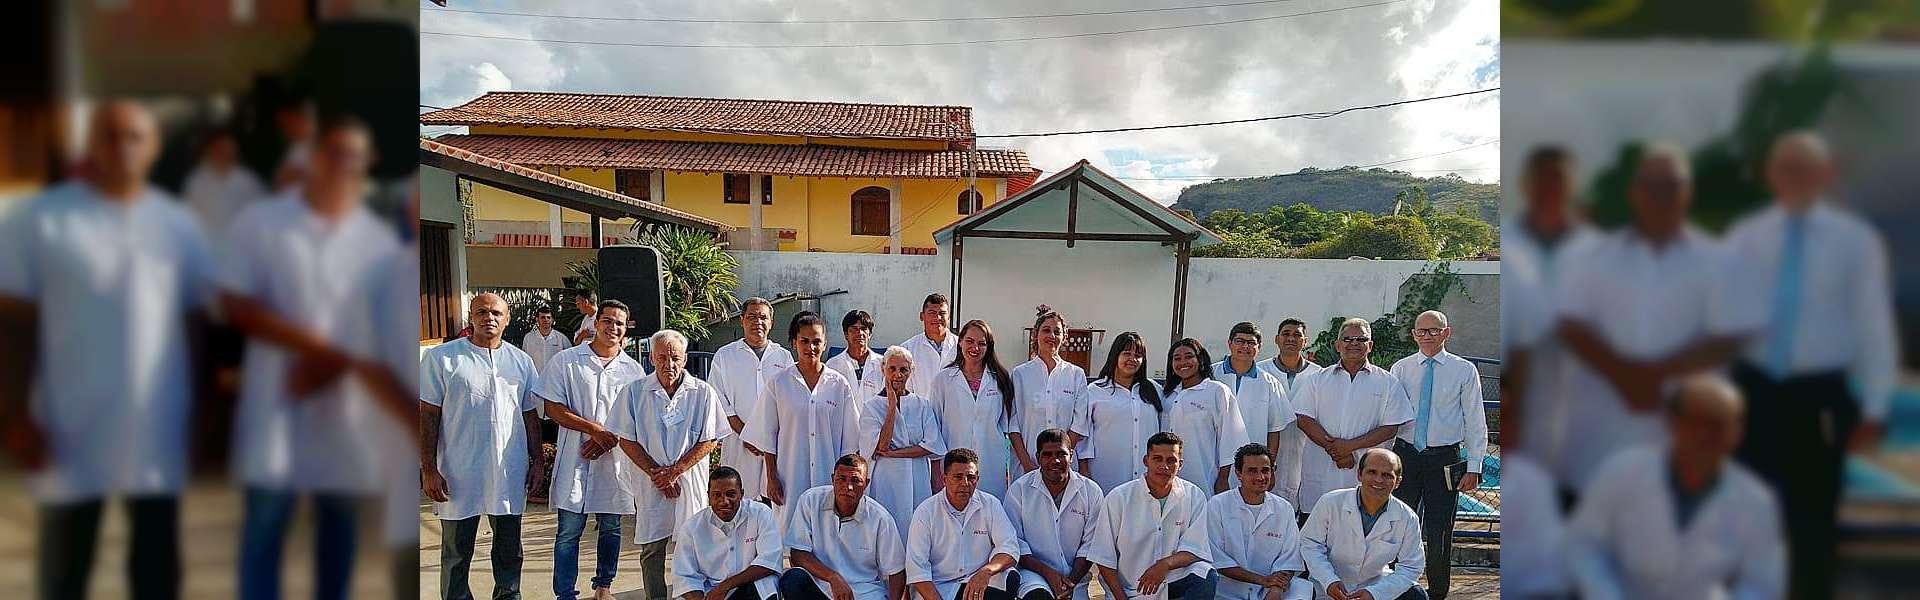 Batismos em Igrejas Cristã Maranata - outubro de 2019